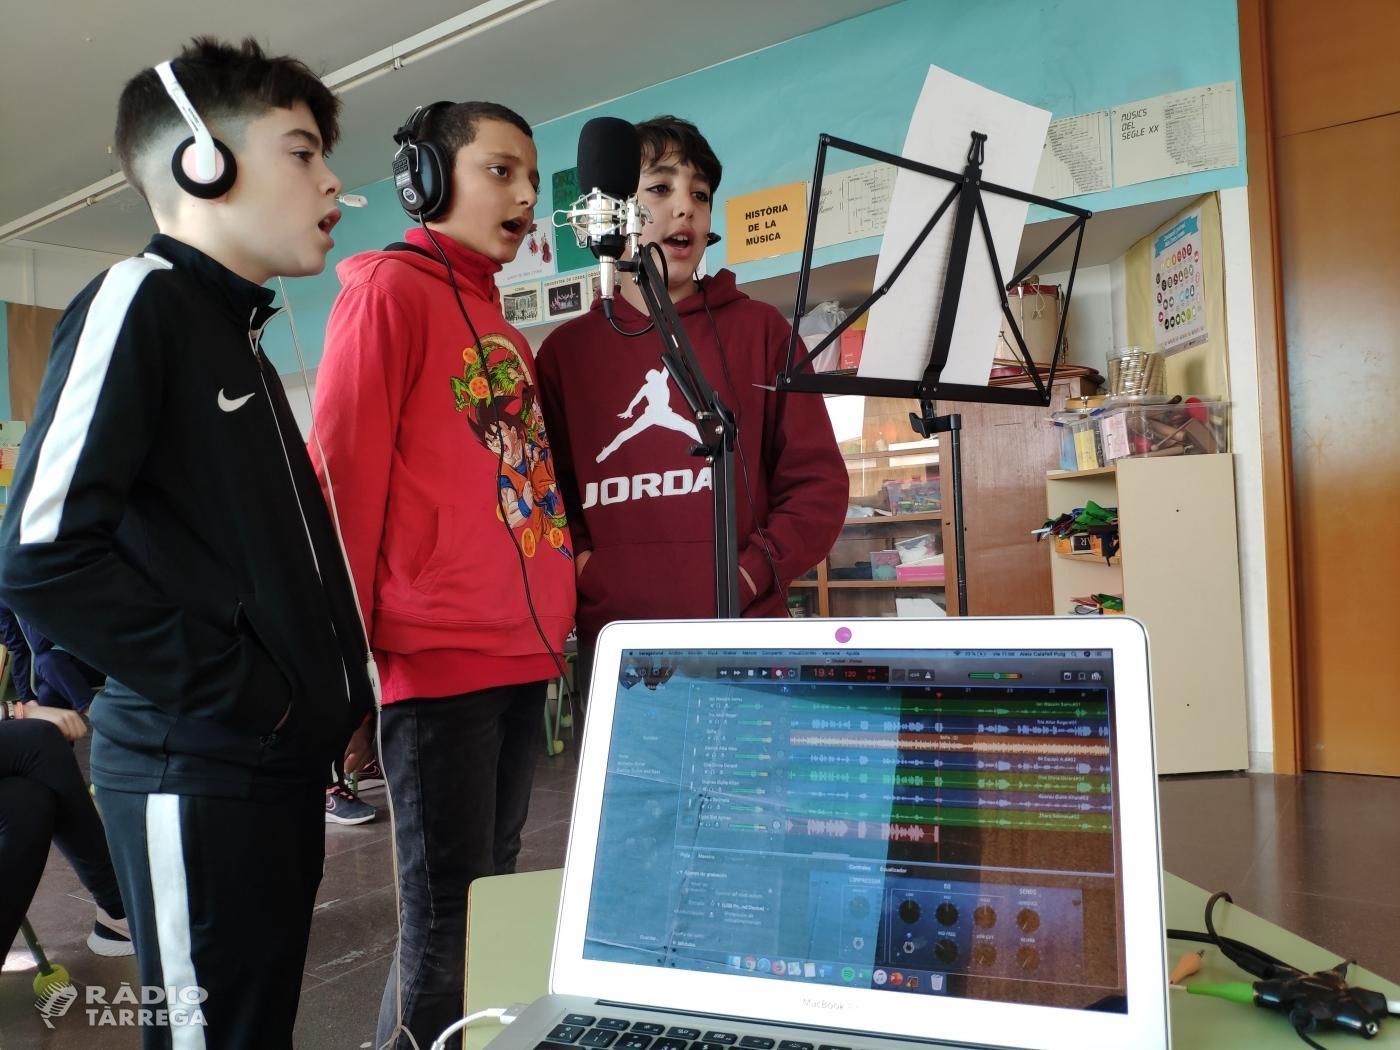 Alumnes de l'escola Guillem Isarn de la Fuliola graven una cançó per commemorar demà dijous 30 de gener el Dia Escolar de la No-violència i la Pau